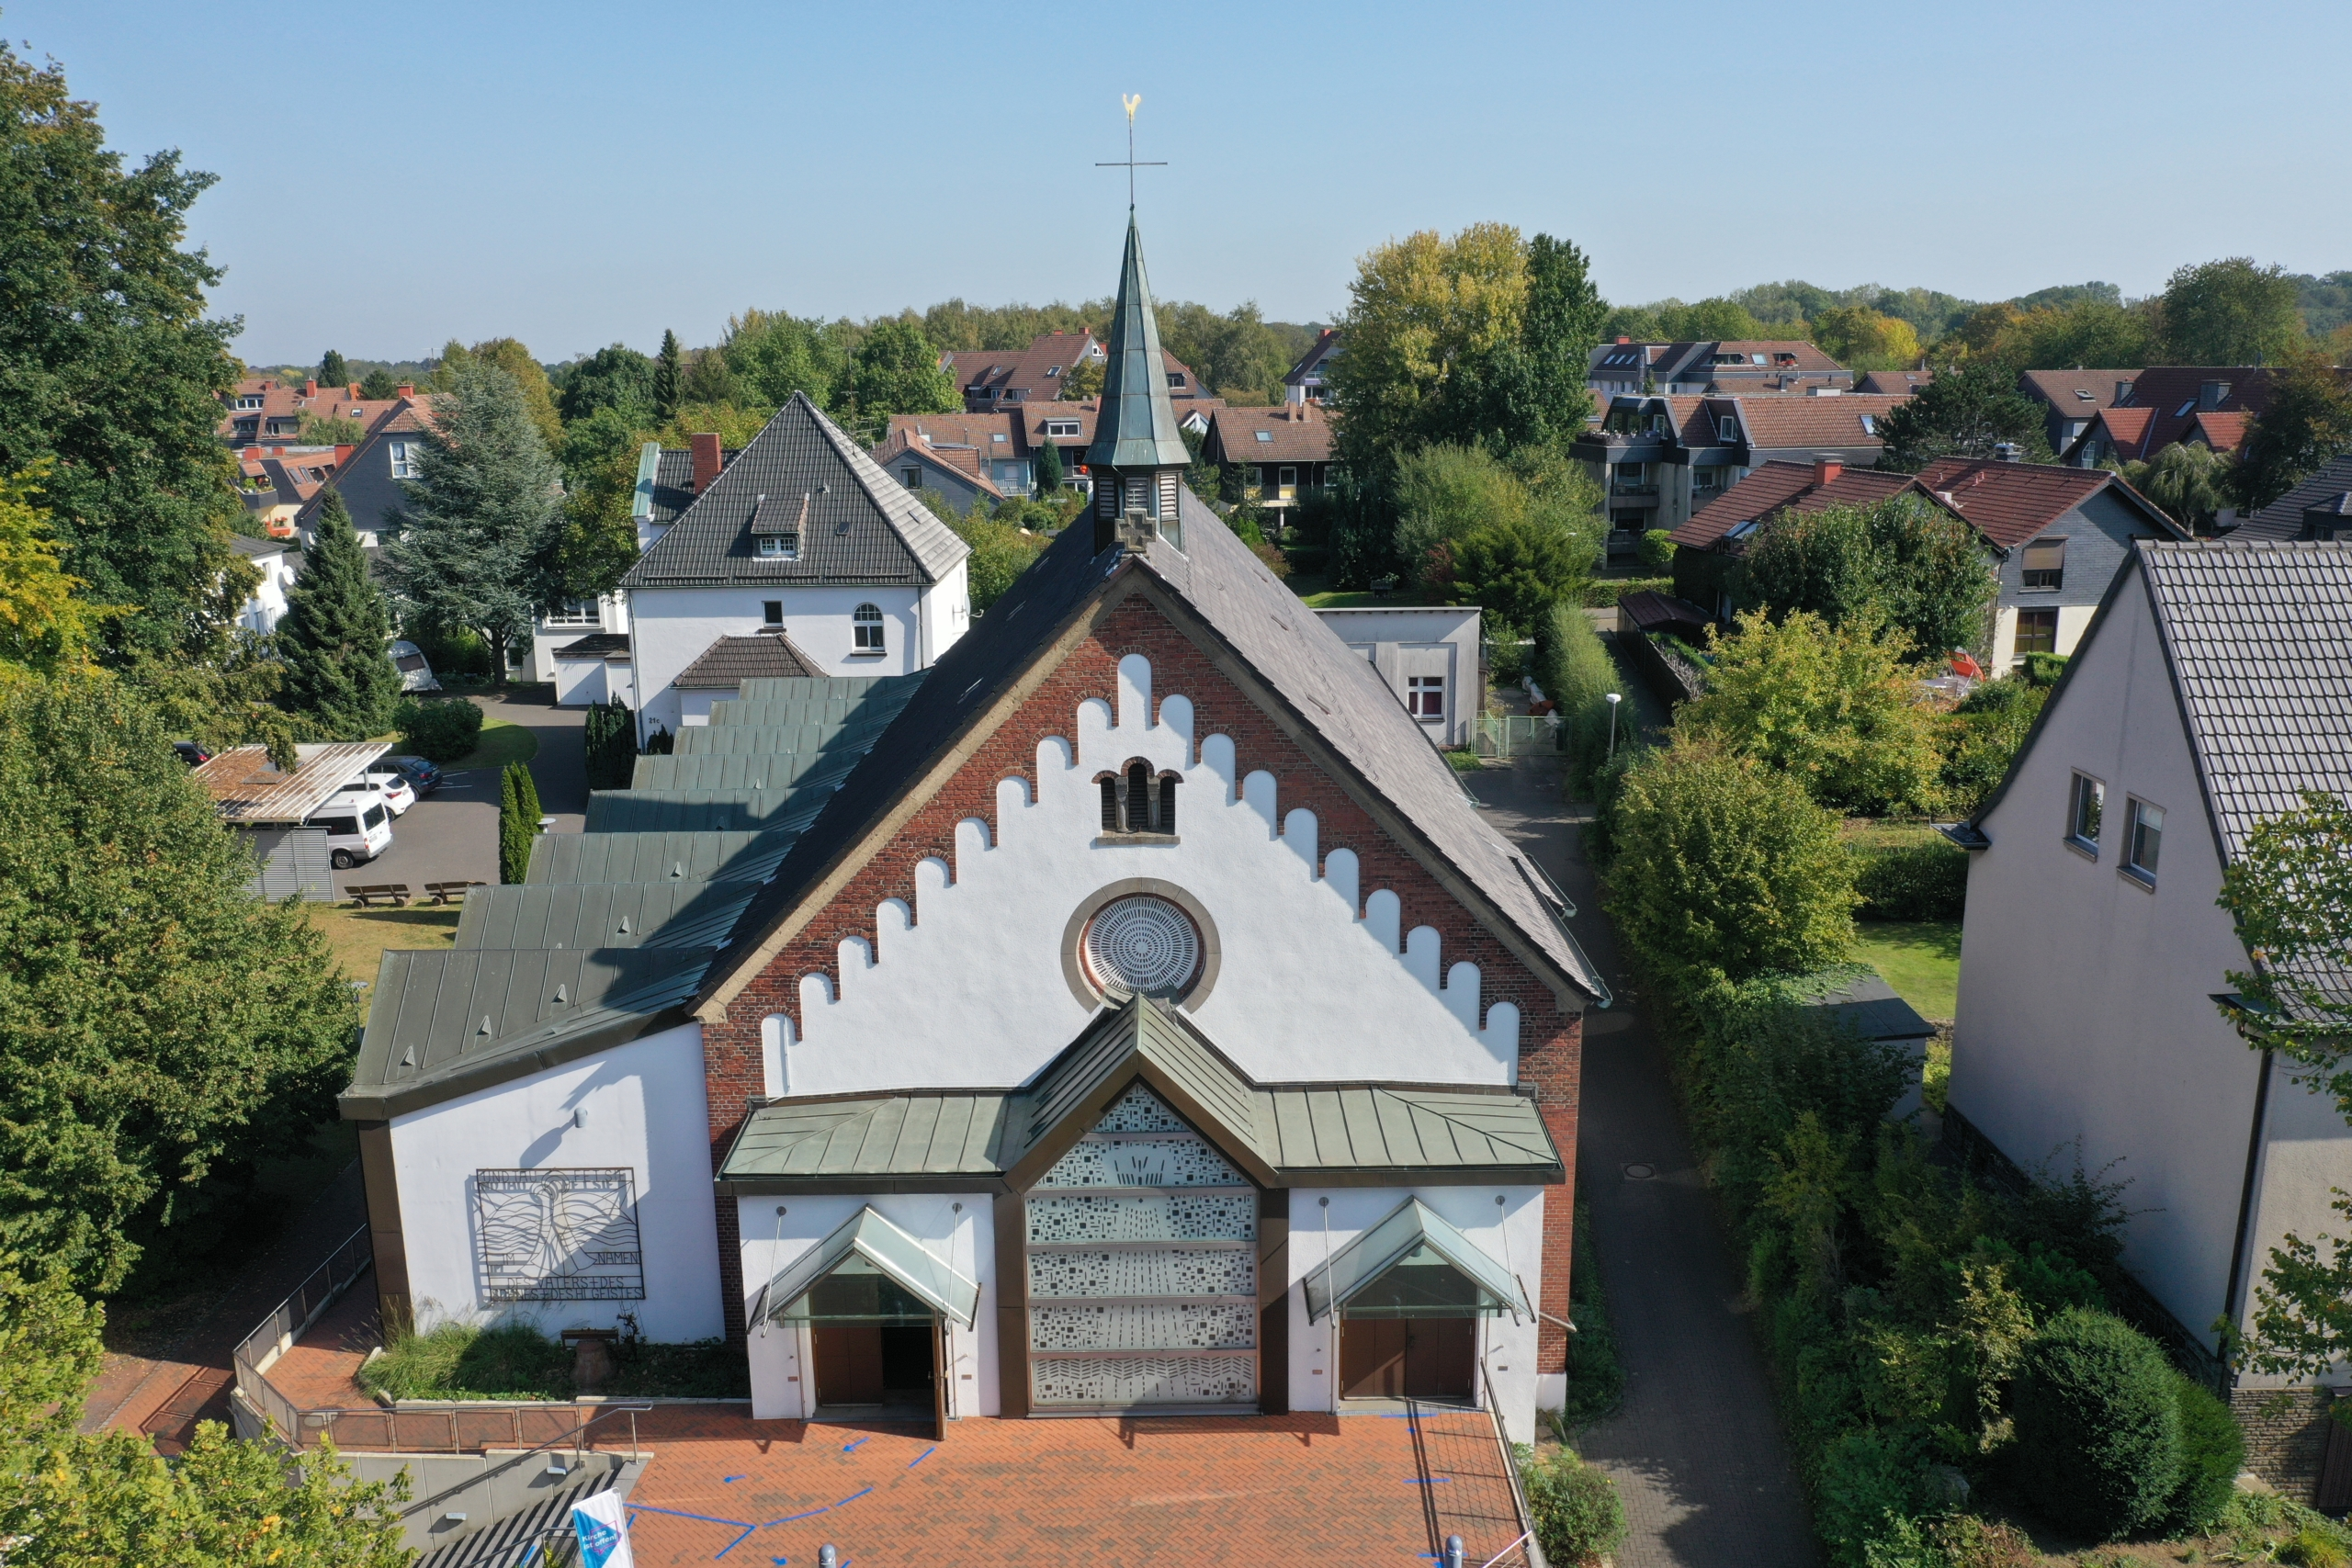 Luftbildaufnahme der St. Bonifatiuskirche in Langendreer